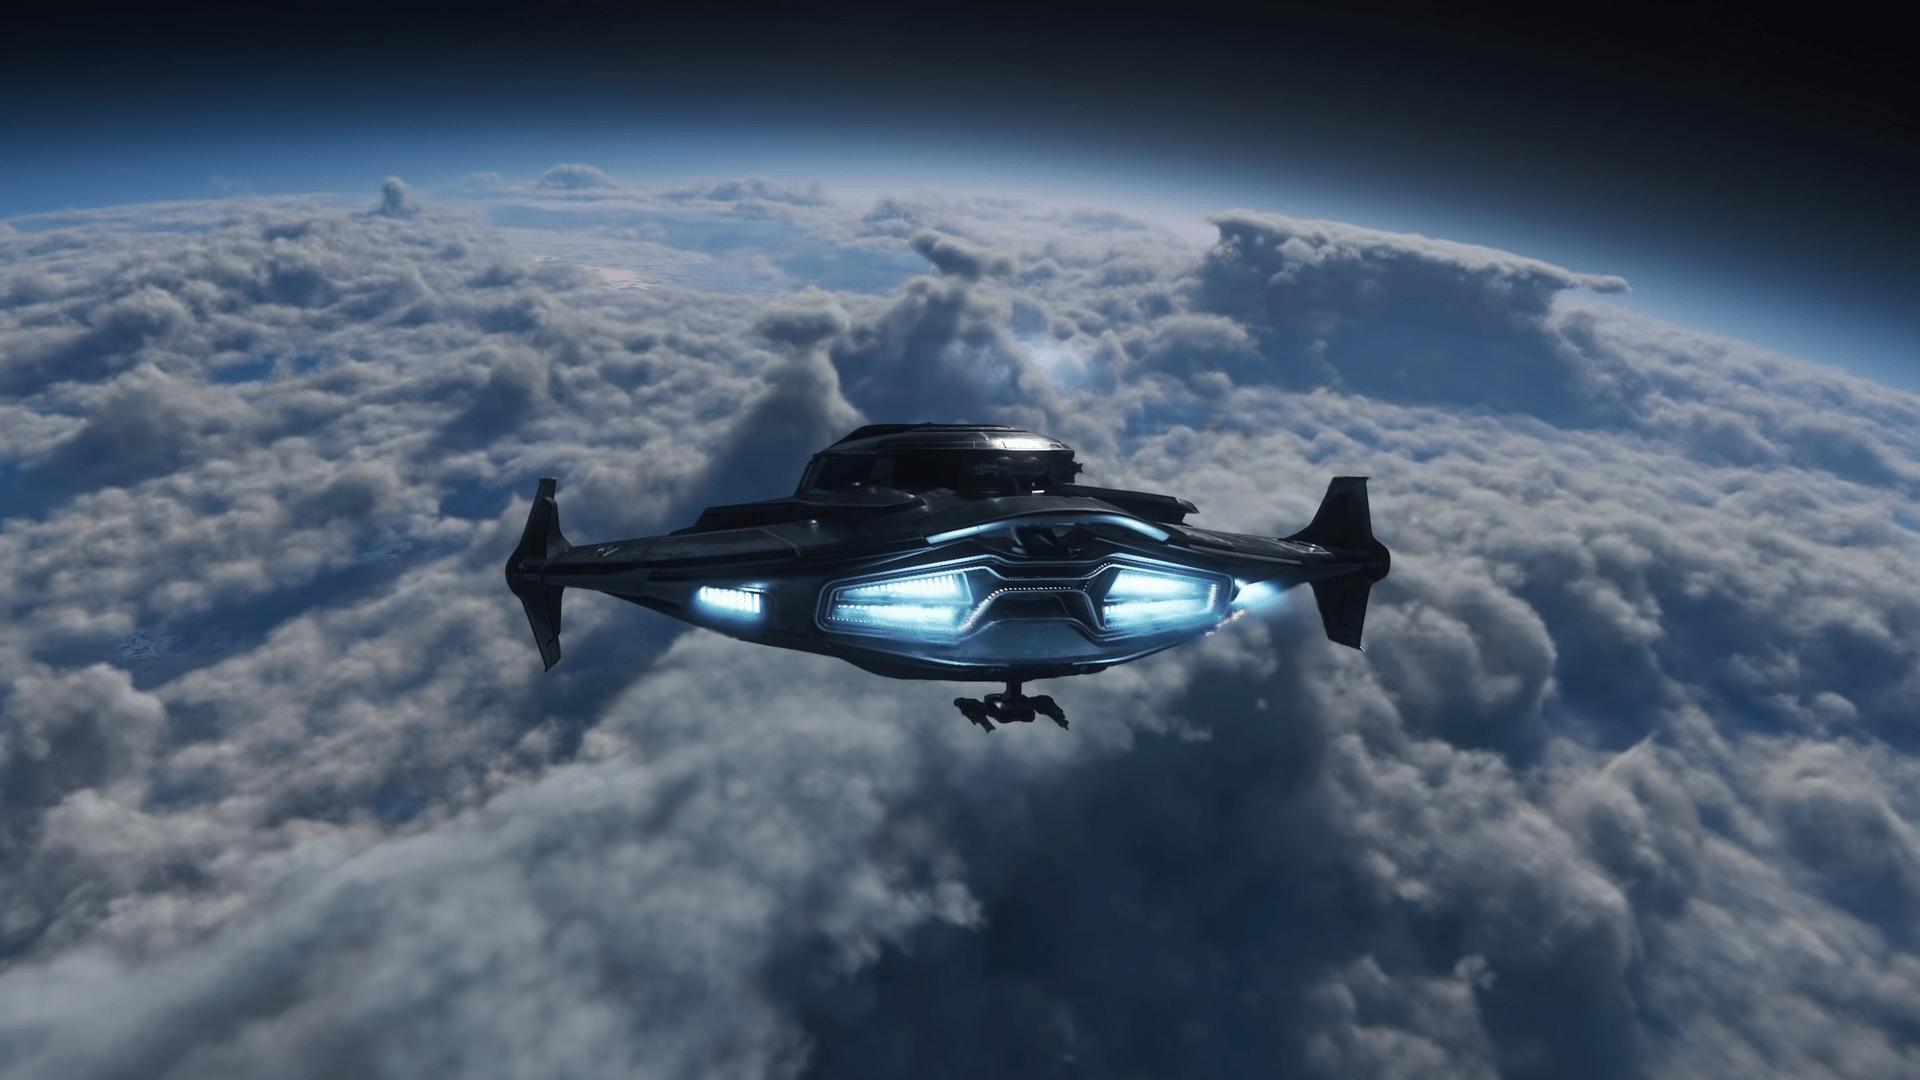 Raumschiff in Star Citizen fliegt auf realistische Wolkendecke über dem Planeten Pyro 3 zu